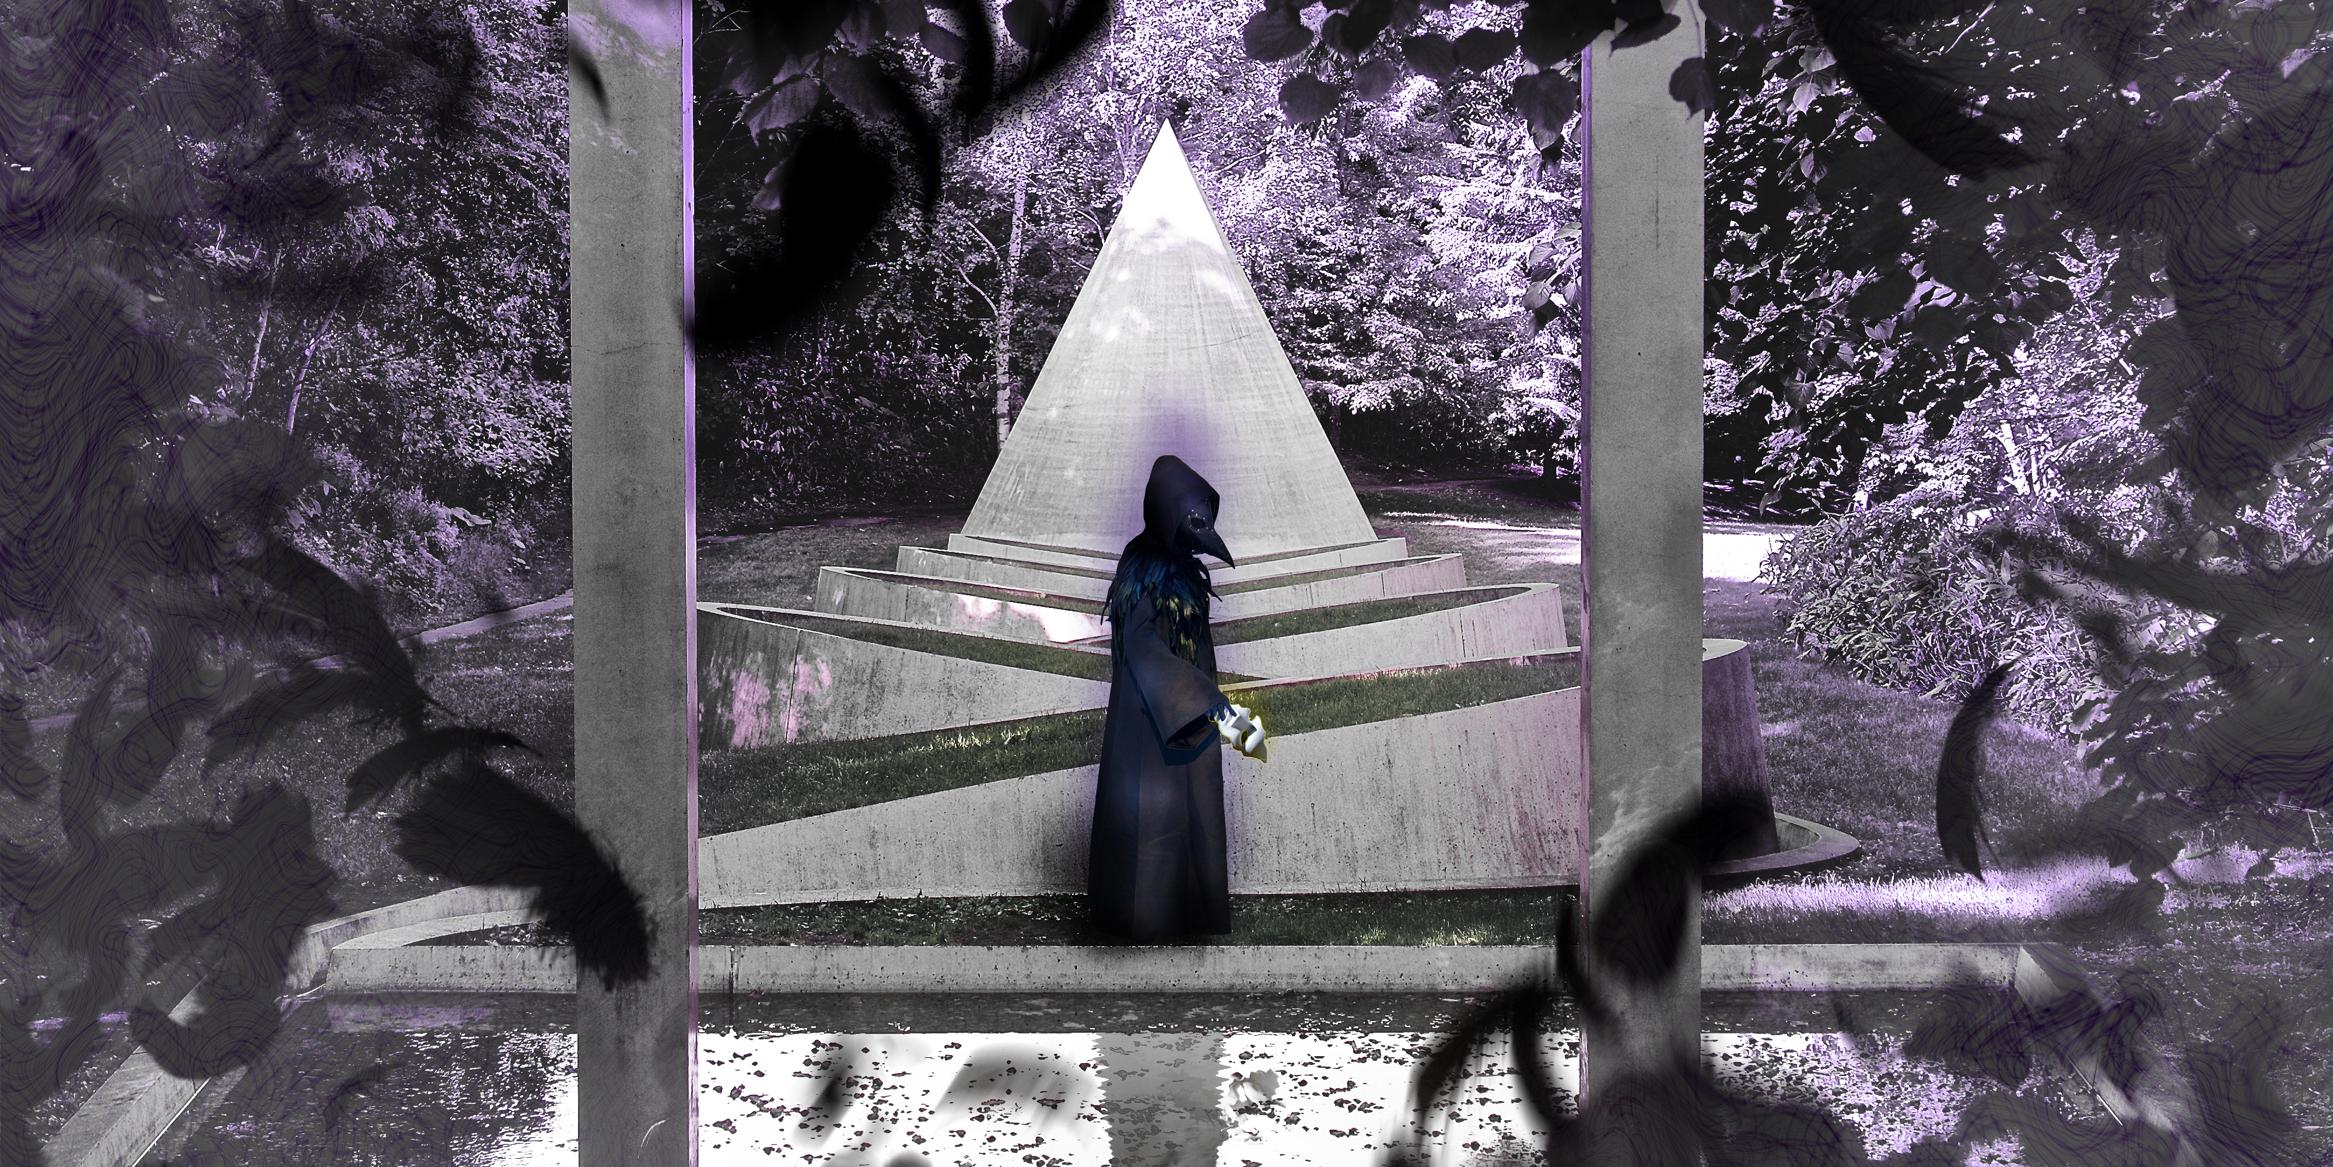 謎解き野外美術館2 隠された庭の幻影